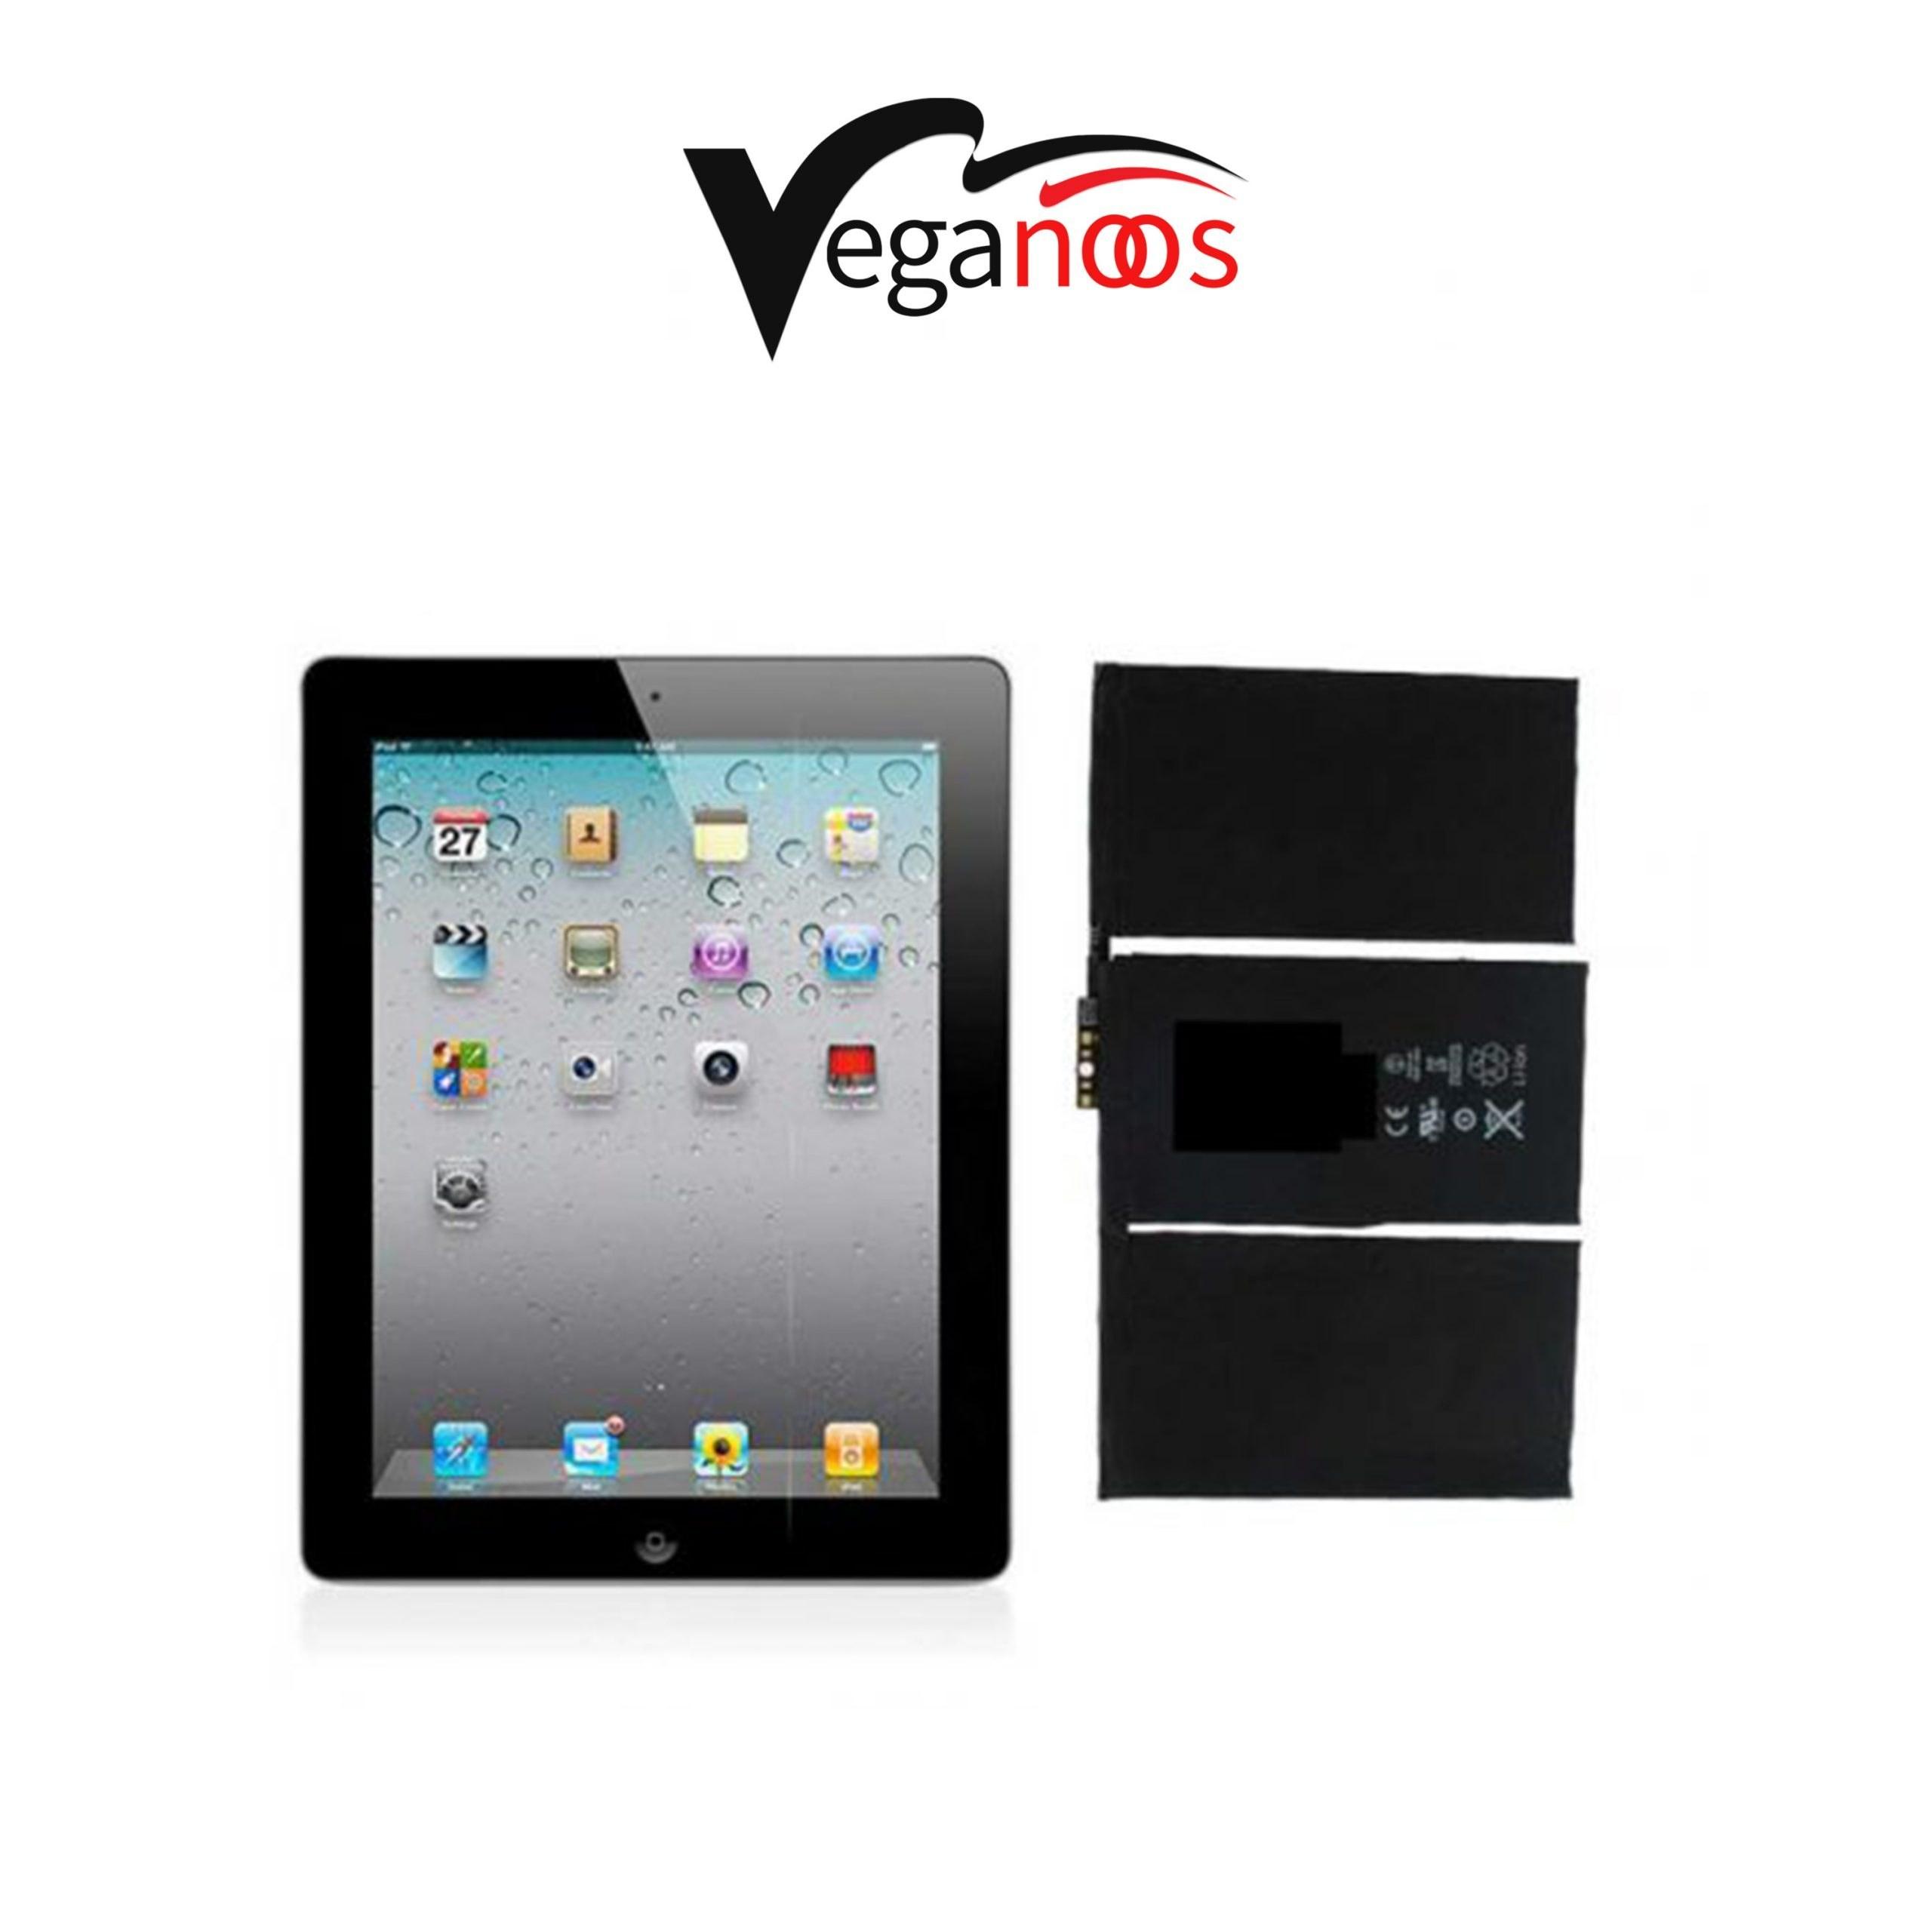 تصویر باتری اصلی آیپد اپل Apple iPad 2 CDMA